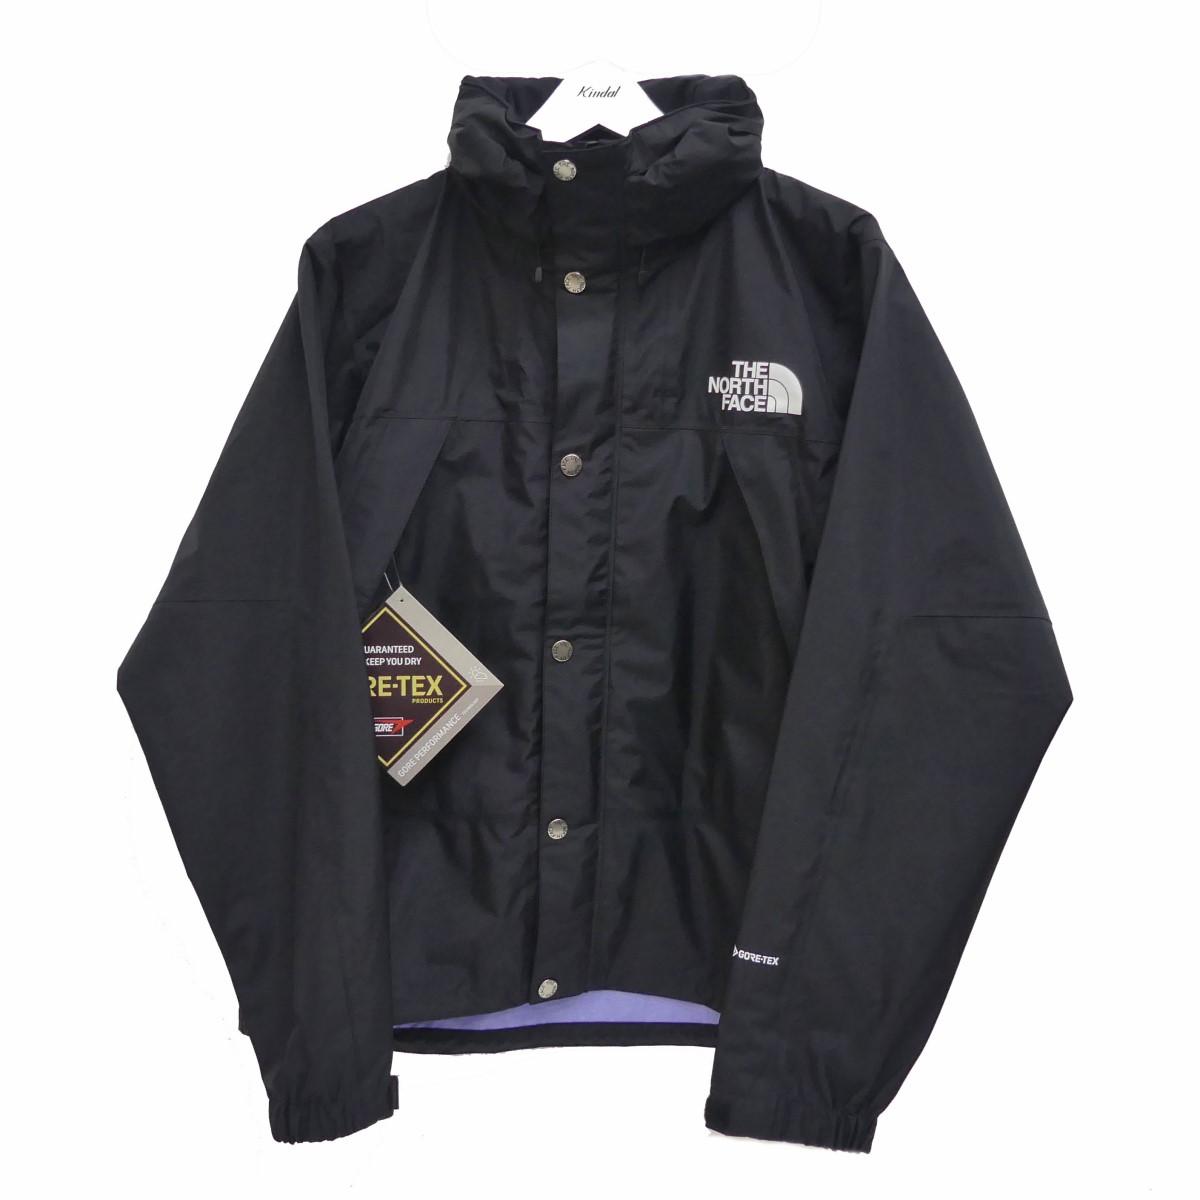 【中古】THE NORTH FACE Mountain Raintex Jacket マウンテンレインテックスジャケット ブラック サイズ:L 【290720】(ザノースフェイス)